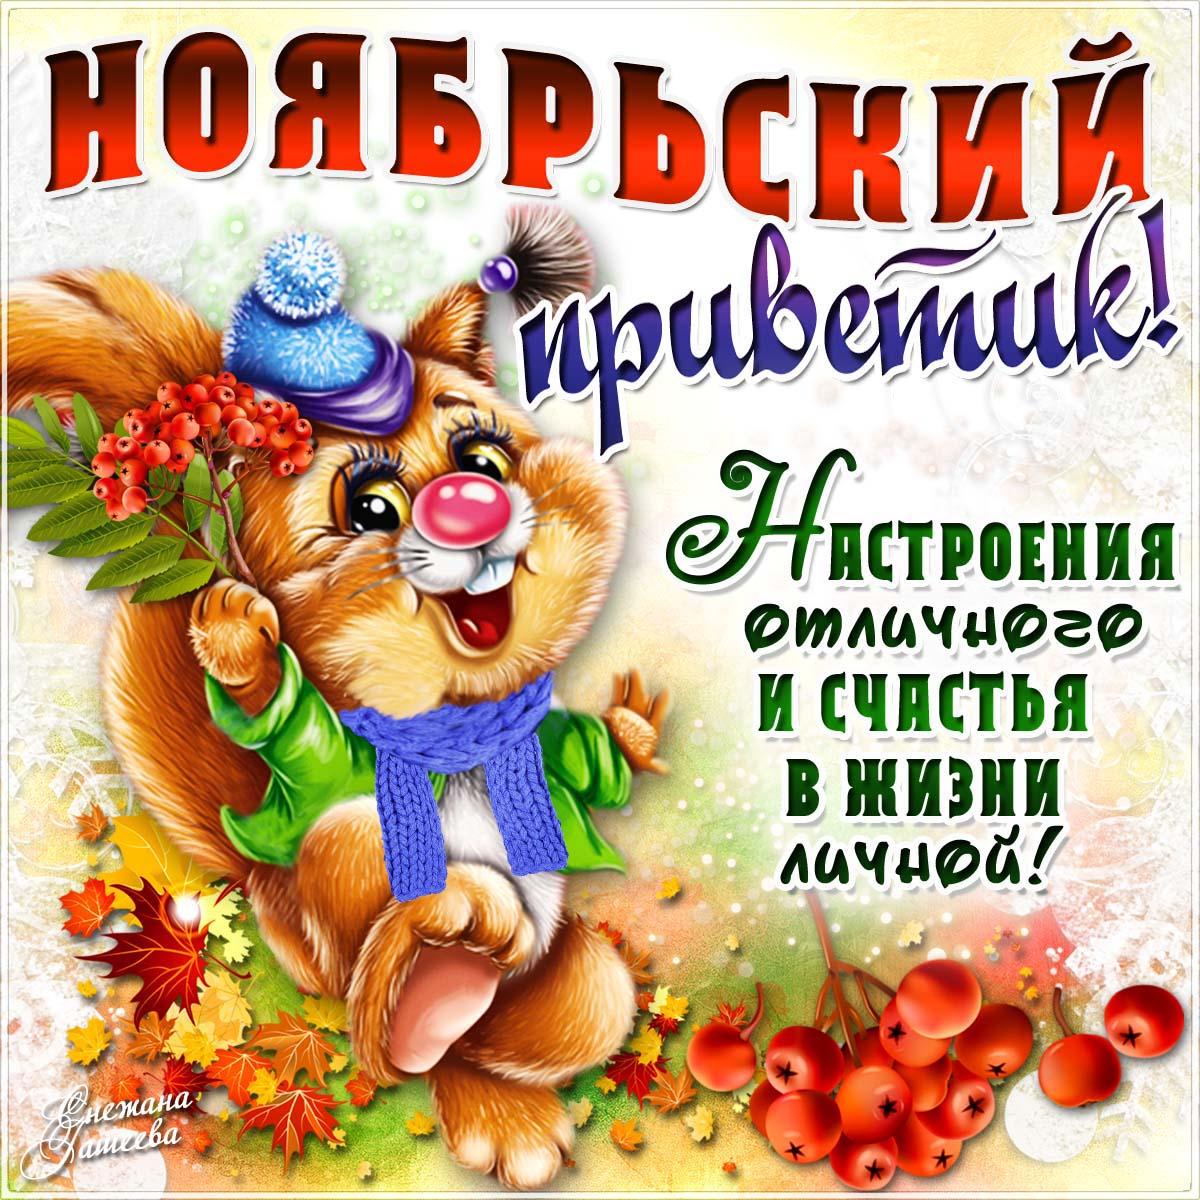 Картинки снеговиков, картинка с 1 ноября надписью